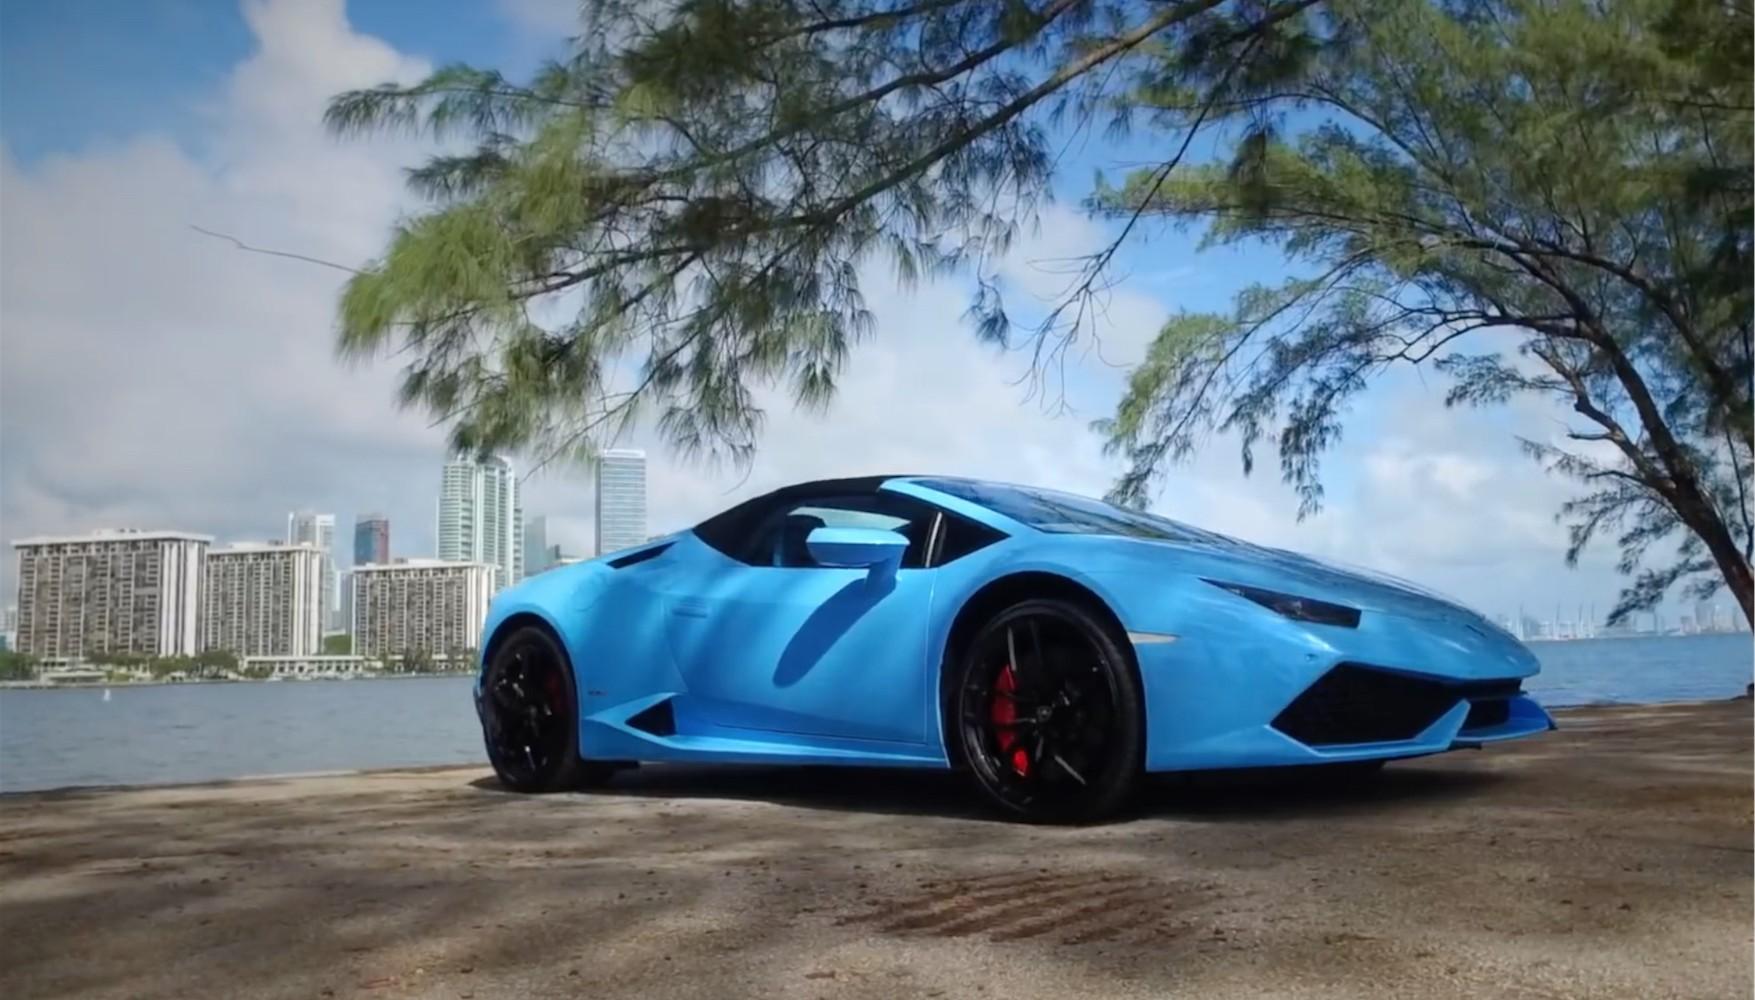 Lamborghini Huracán shown off in 360° video